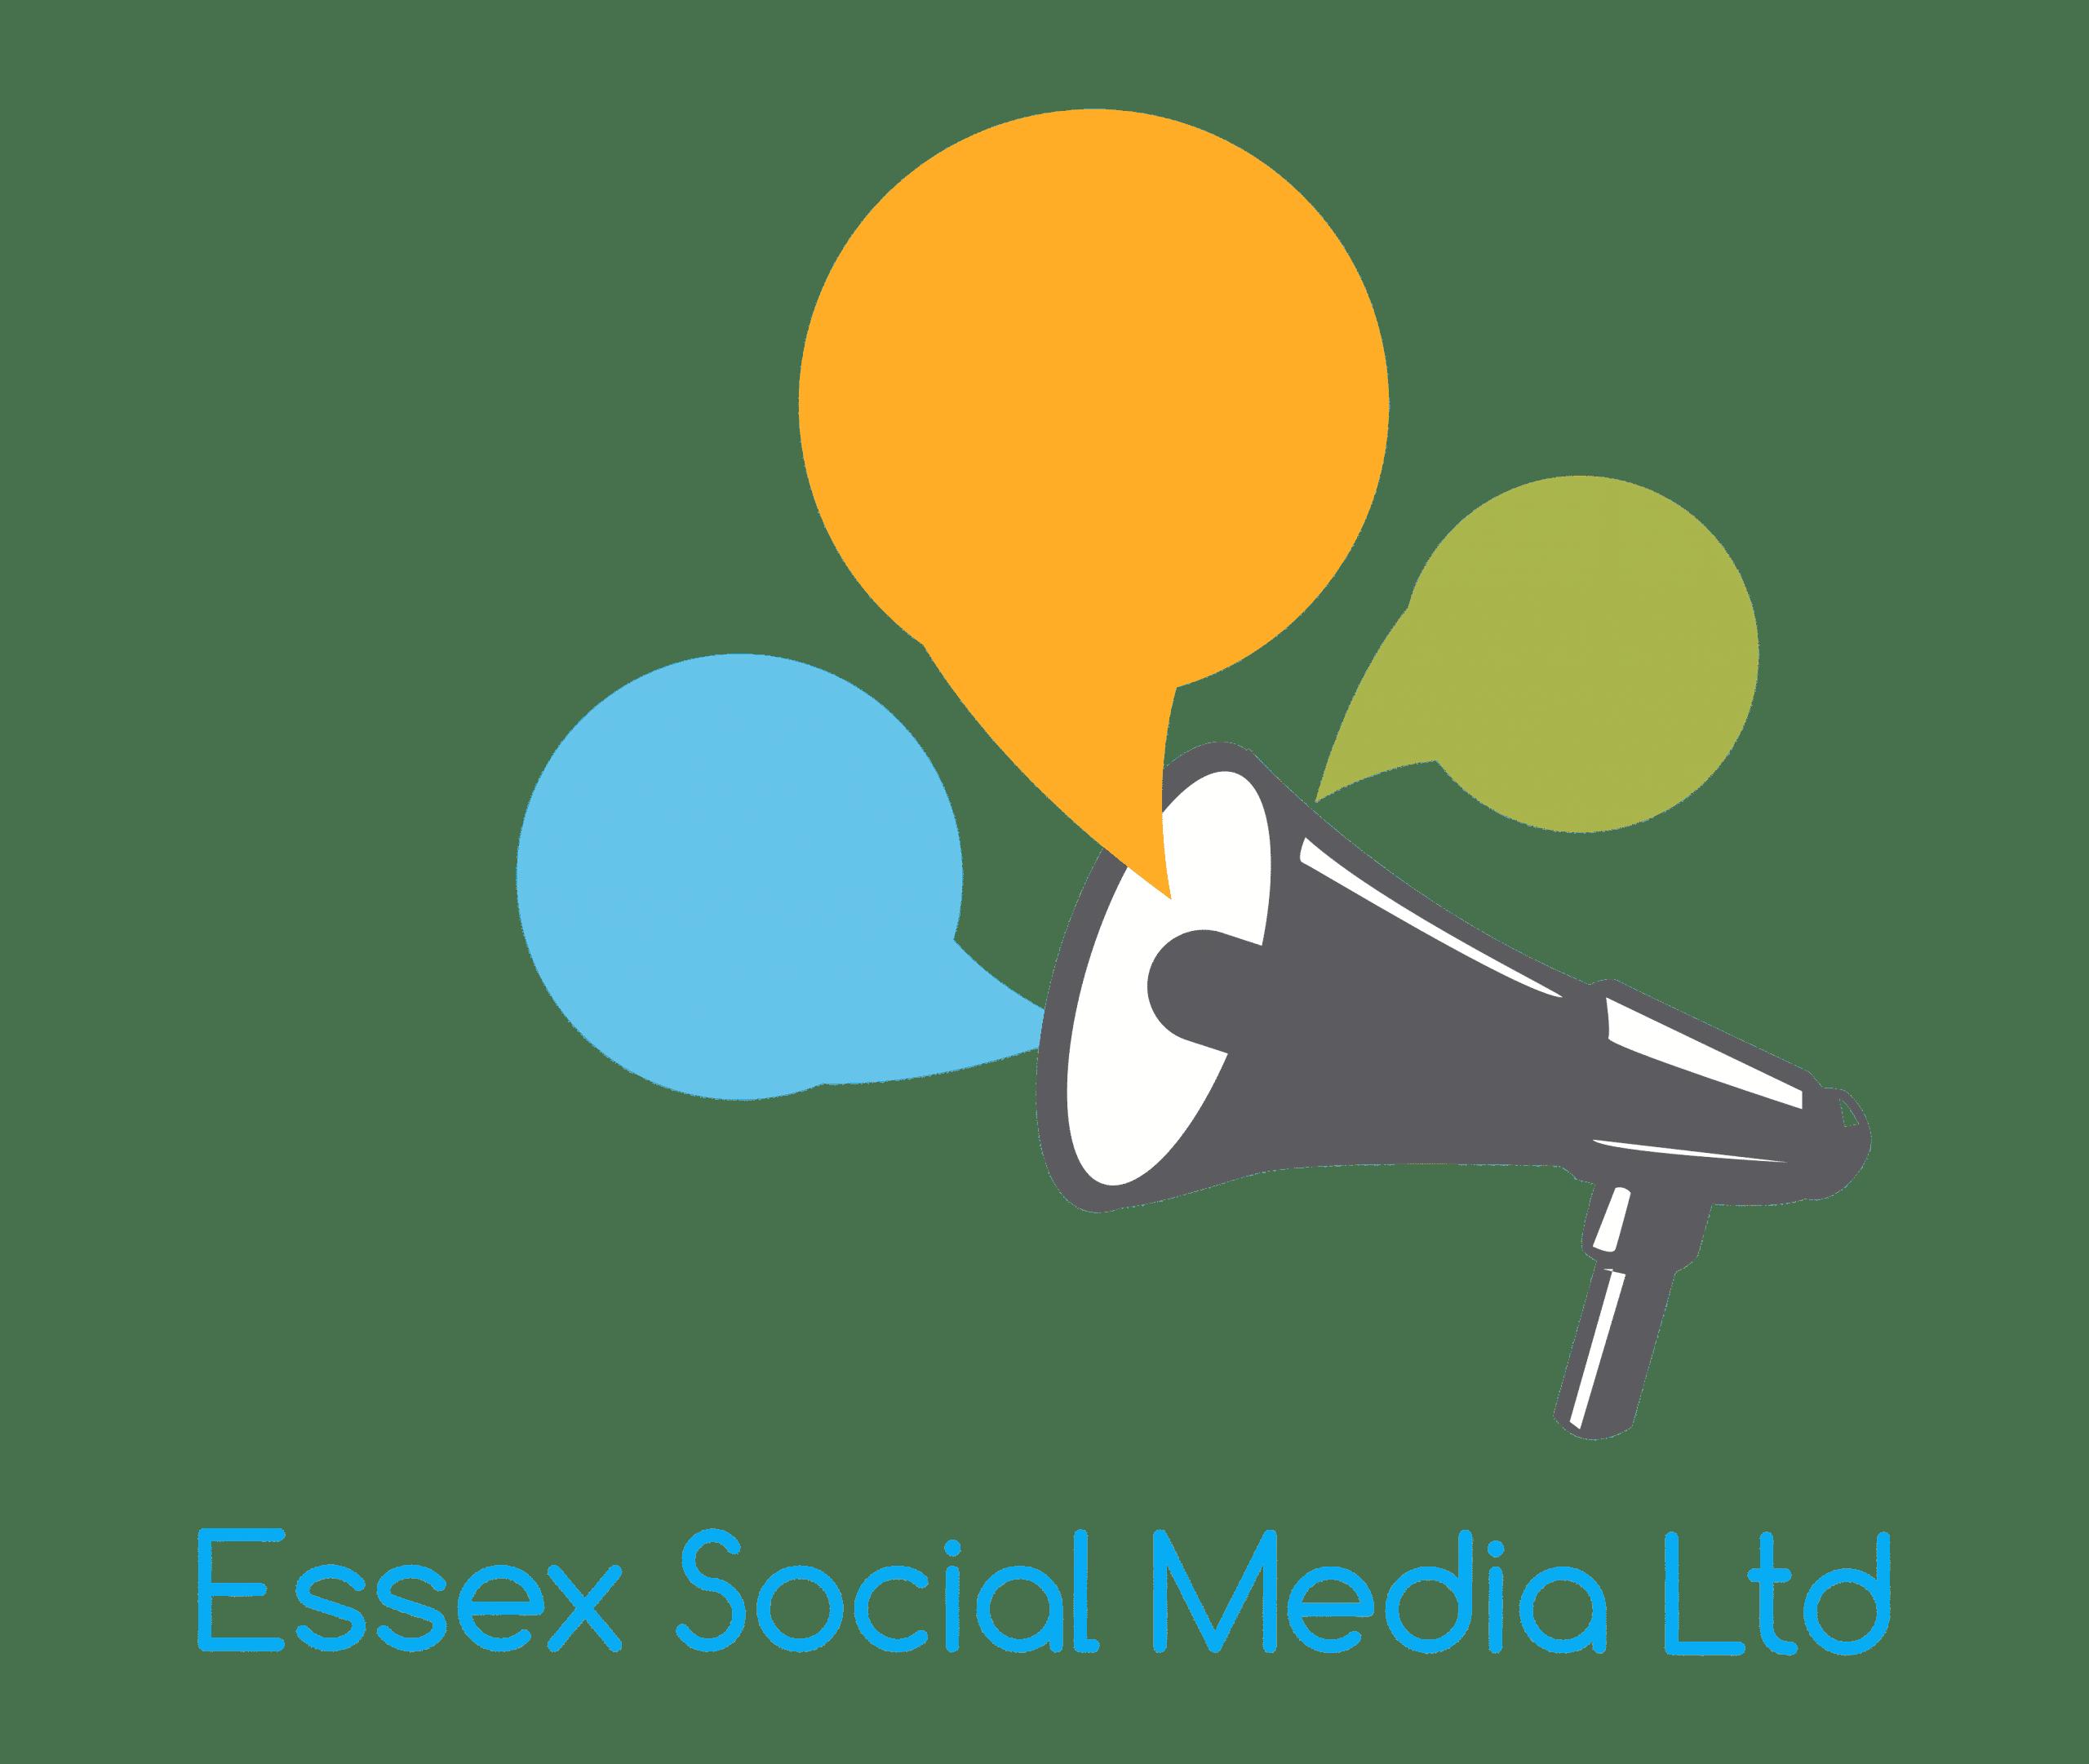 Essex Social Media Ltd